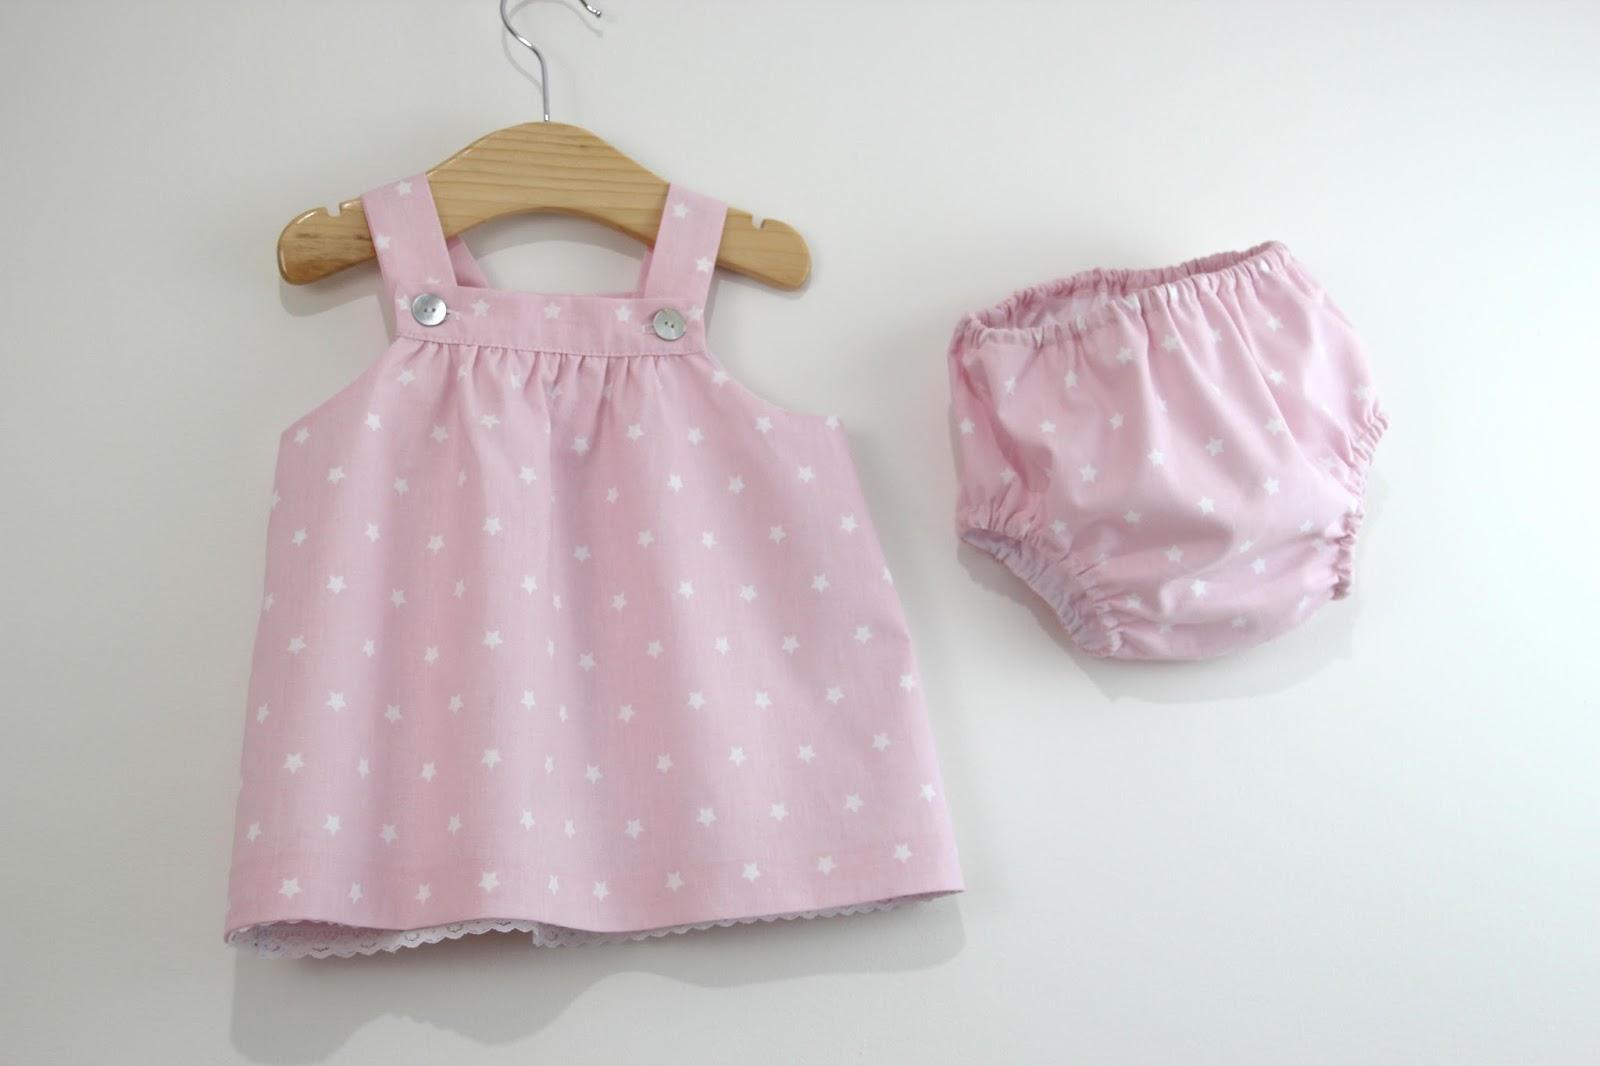 diy tutorial y patrones gratis vestido y braguitas para beb nias costura ropa bebs